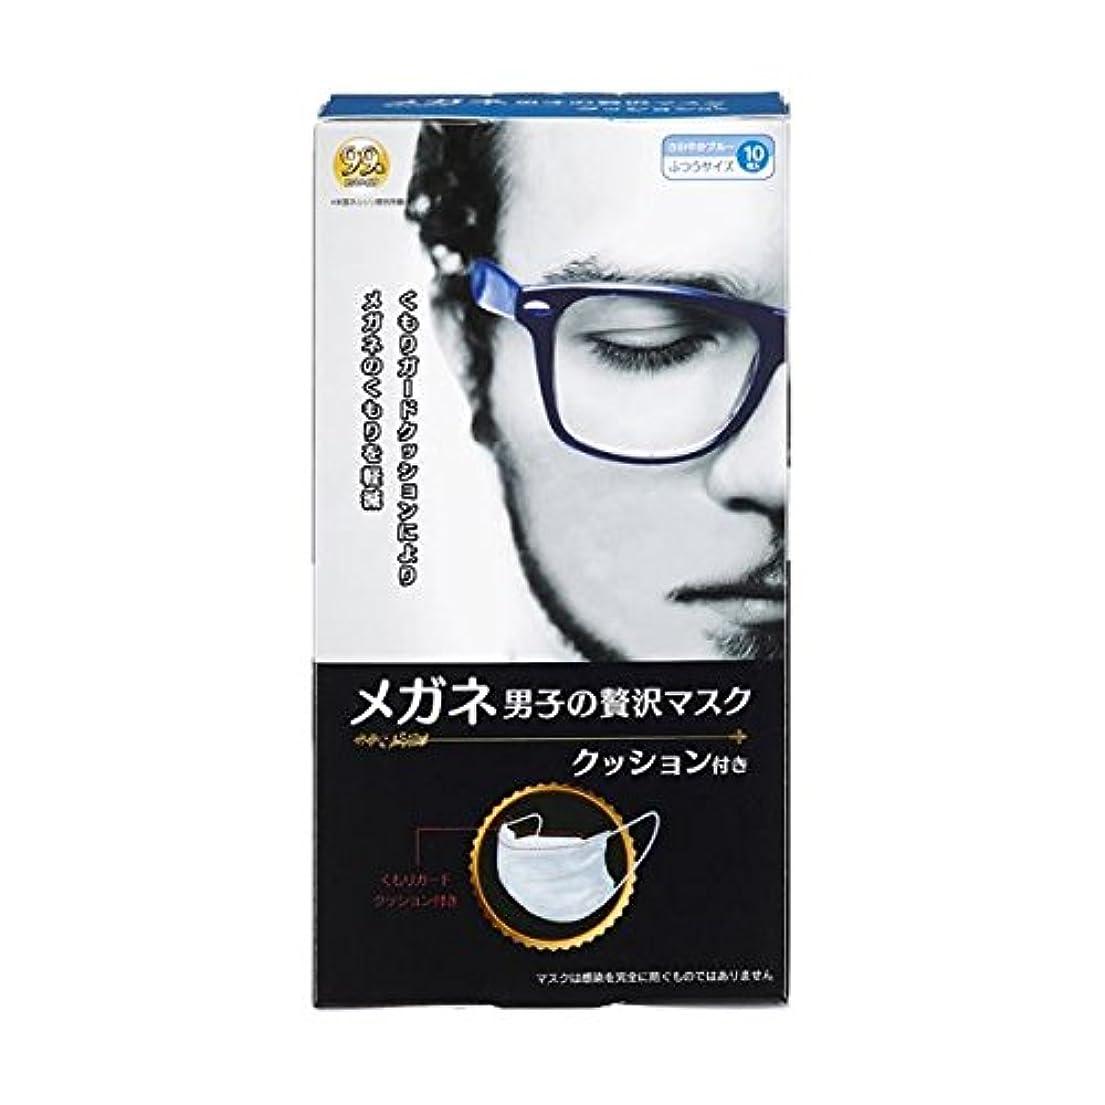 雑品エンジニアリングエンコミウム【お徳用 6 セット】 原田産業 メガネ男子の贅沢マスク クッション付 ふつうサイズ さわやかブルー 10枚入×6セット